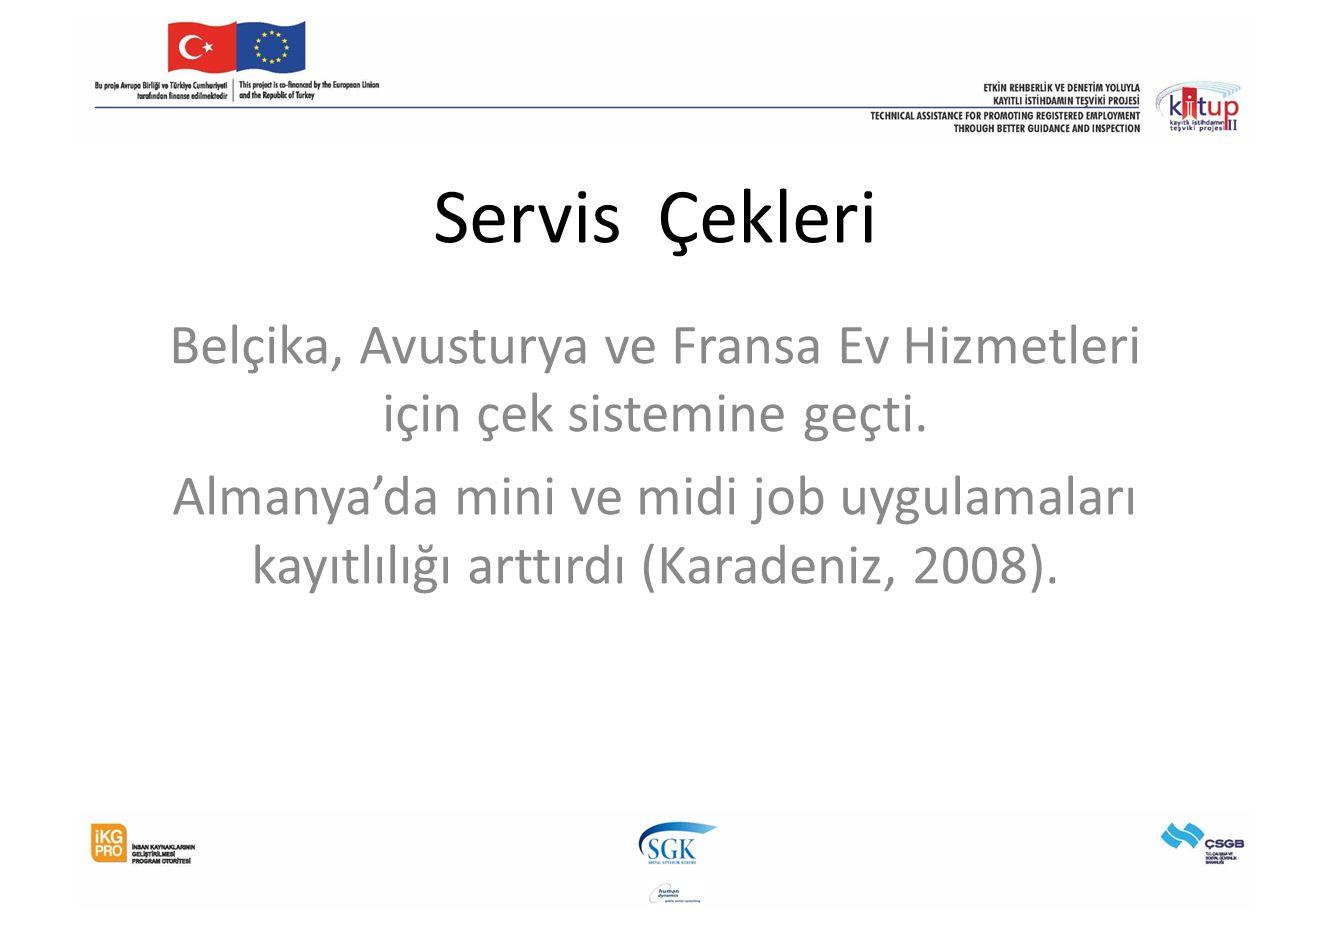 Servis Çekleri Belçika, Avusturya ve Fransa Ev Hizmetleri için çek sistemine geçti.